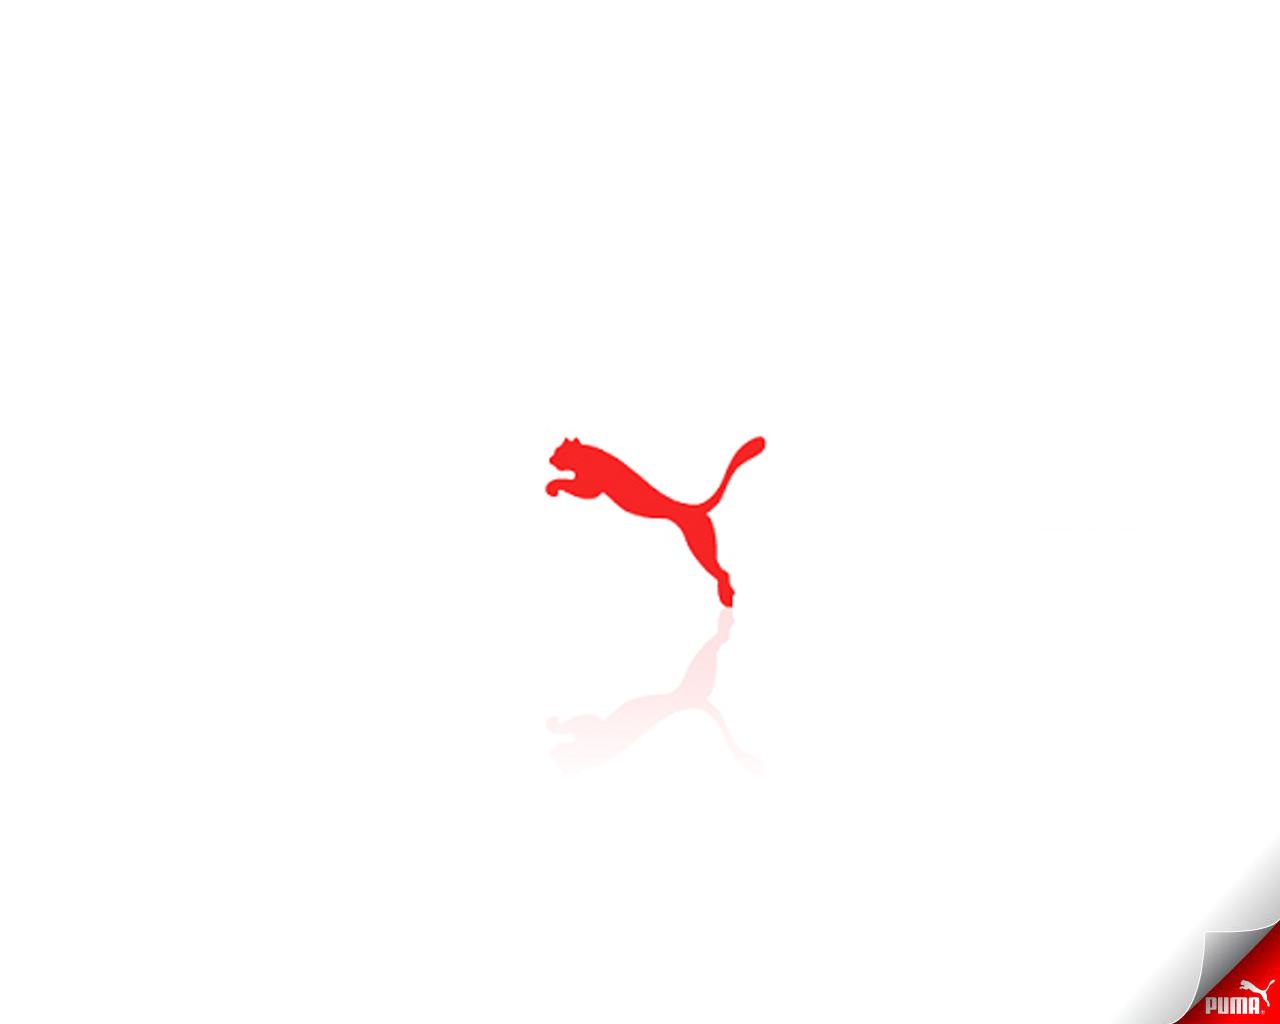 Puma Logo Wallpaper 4311 Hd Wallpapers in Logos   Imagescicom 1280x1024